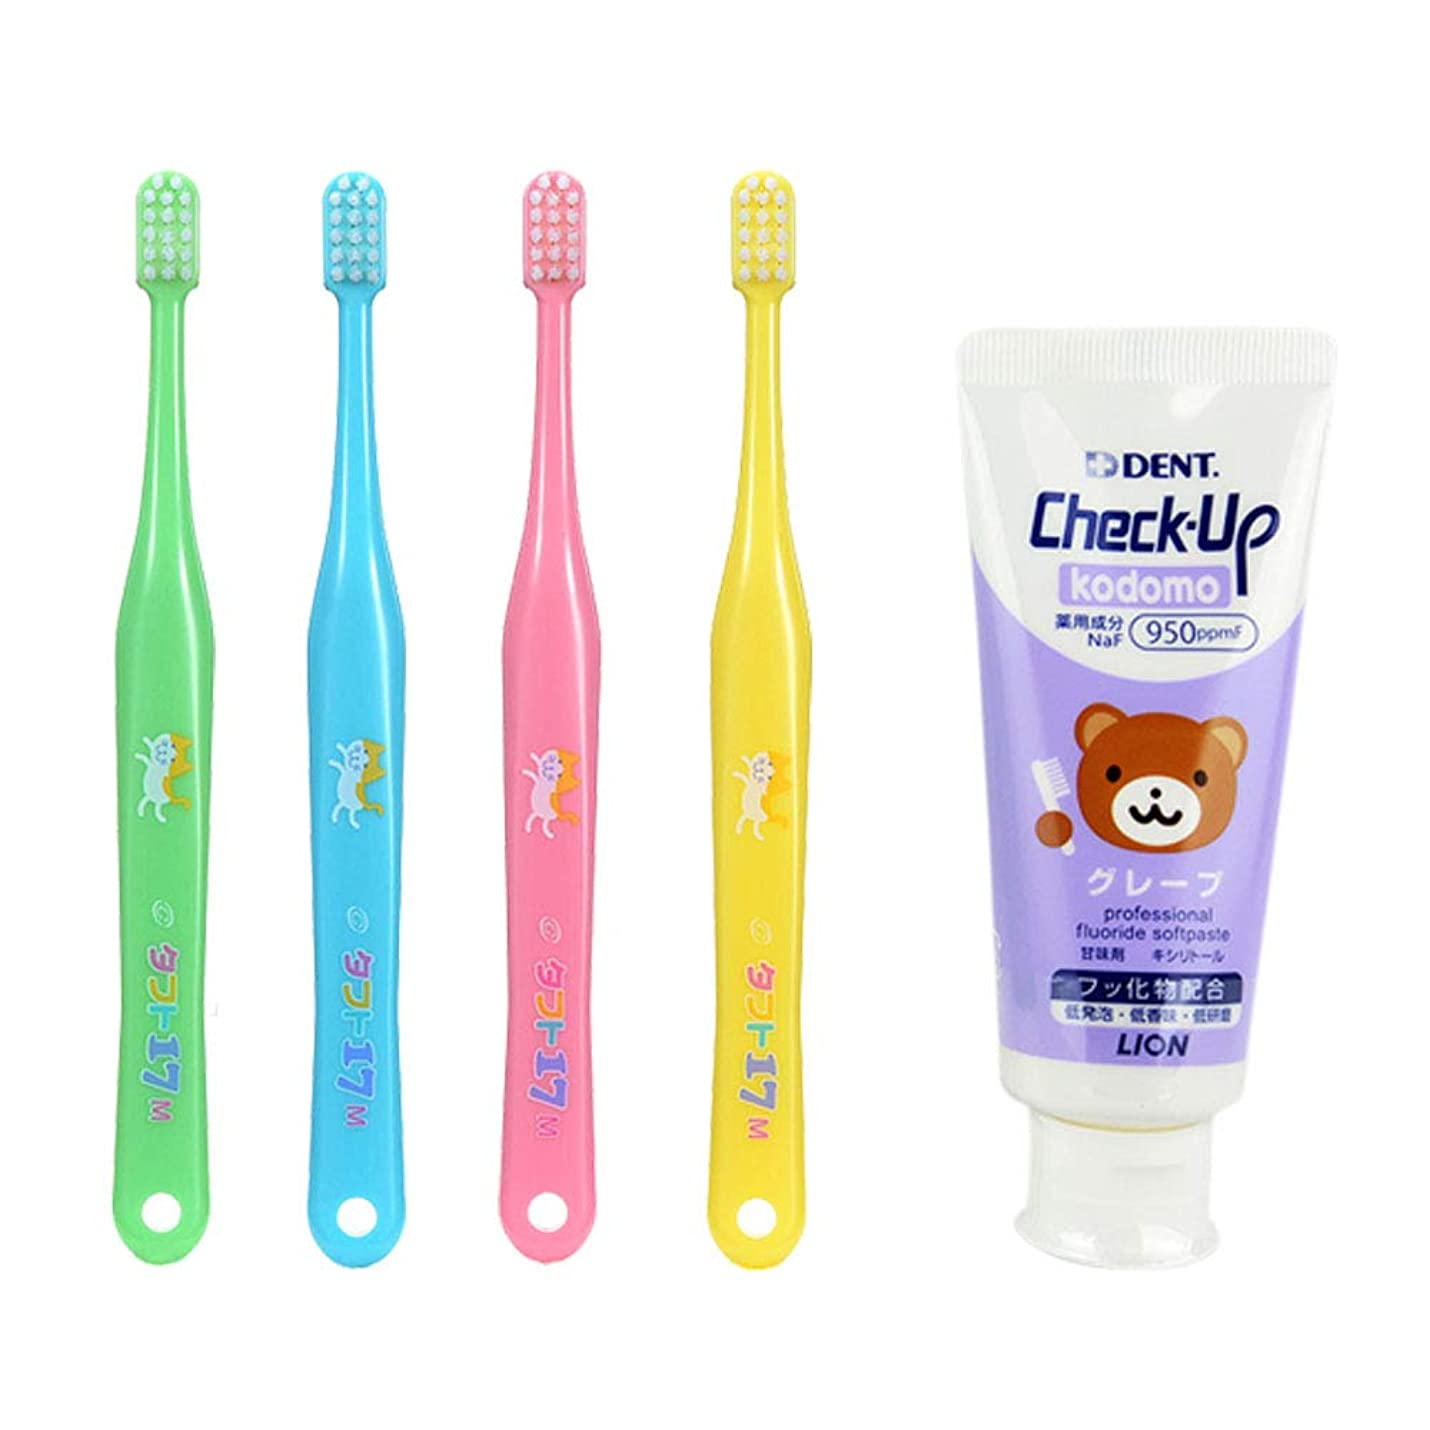 タフト17 M(ふつう) 子ども 歯ブラシ 10本 + チェックアップ コドモ 60g (グレープ) 歯磨き粉 歯科専売品